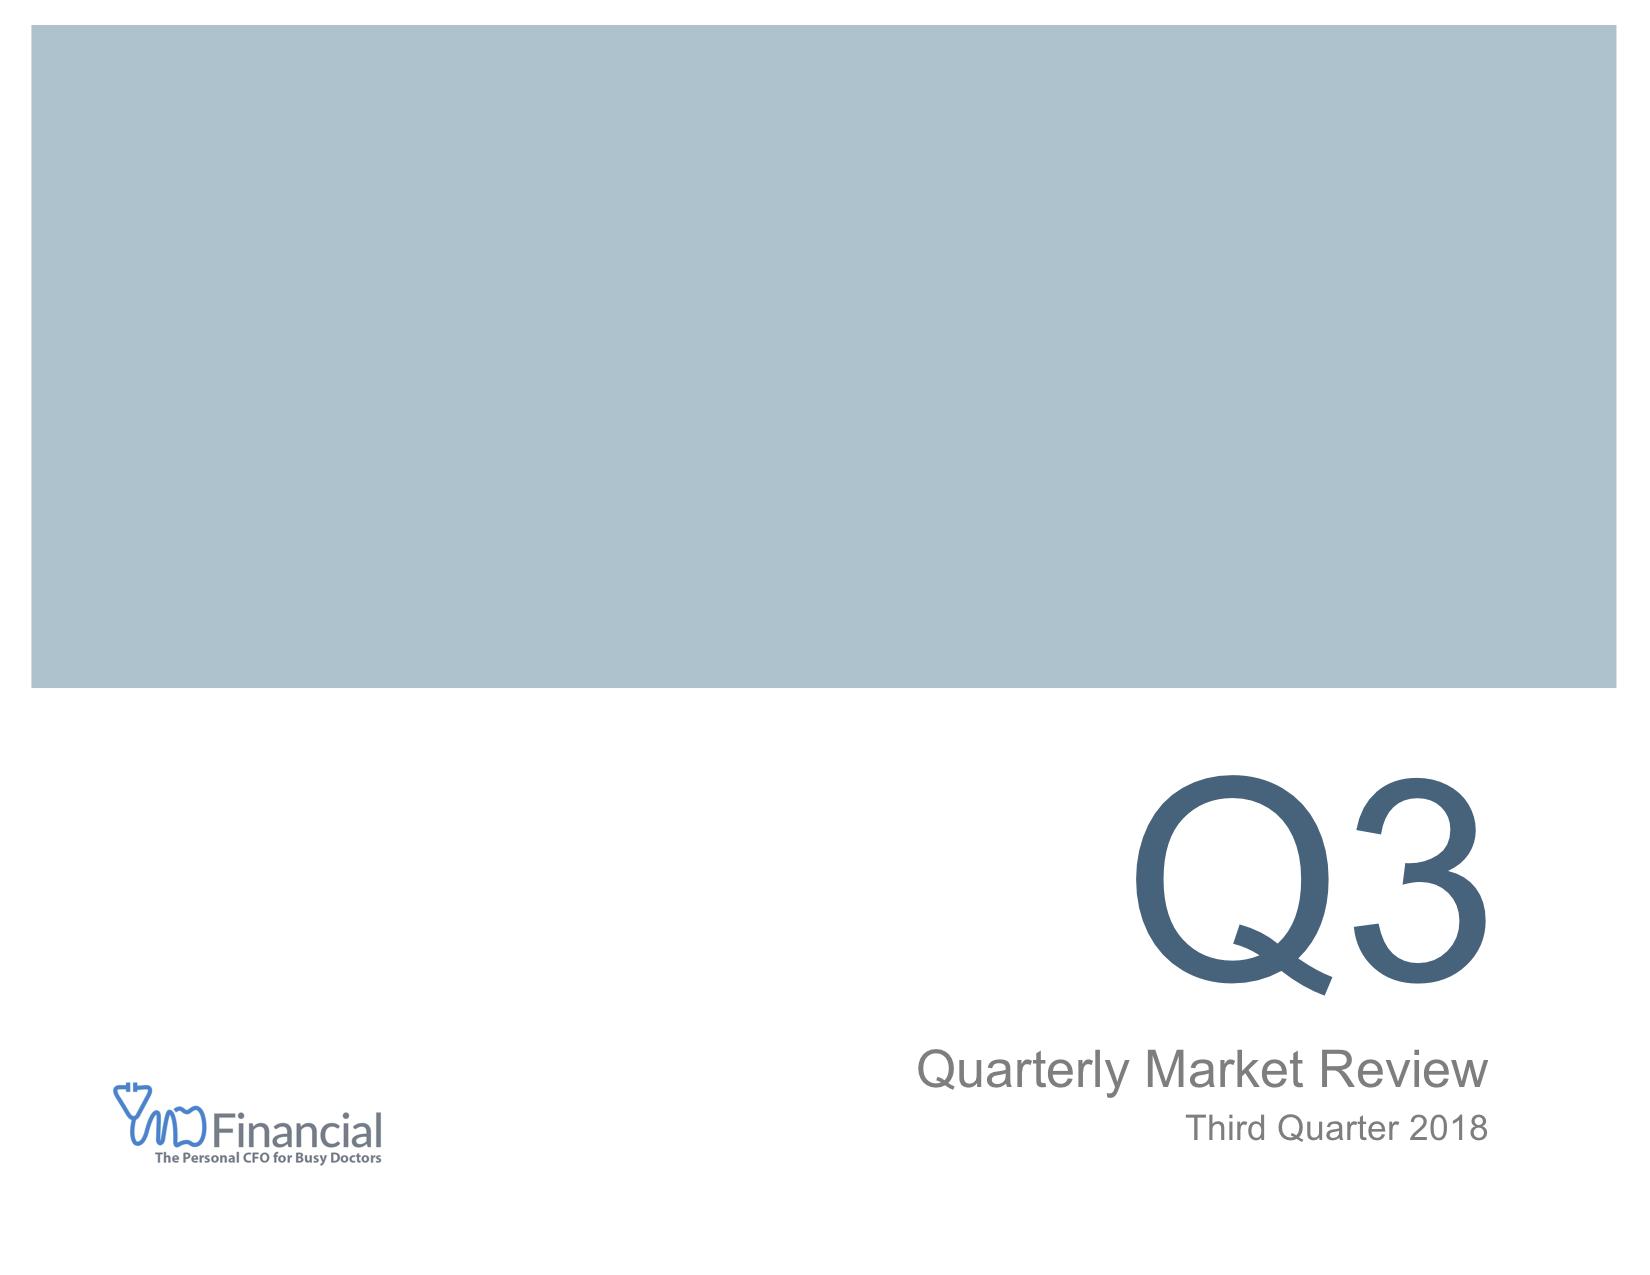 Quarterly Market Review with logo(QMR) - Q3 2018 (Landscape version).png